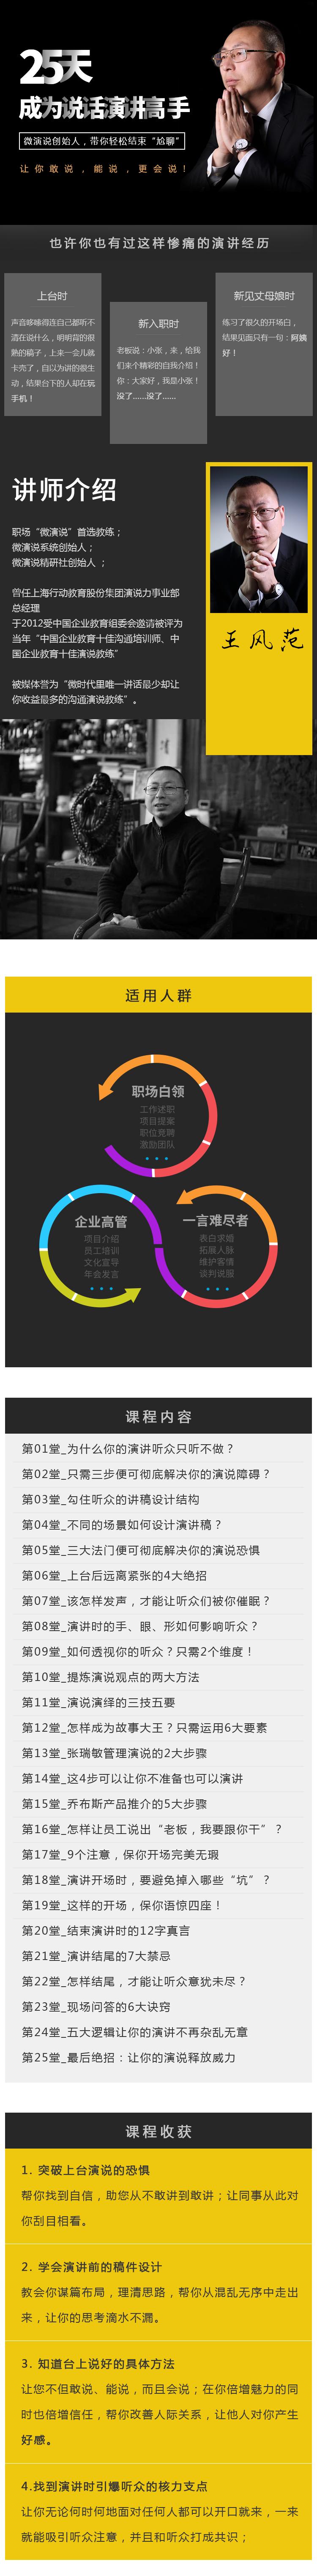 wangfengfan.png